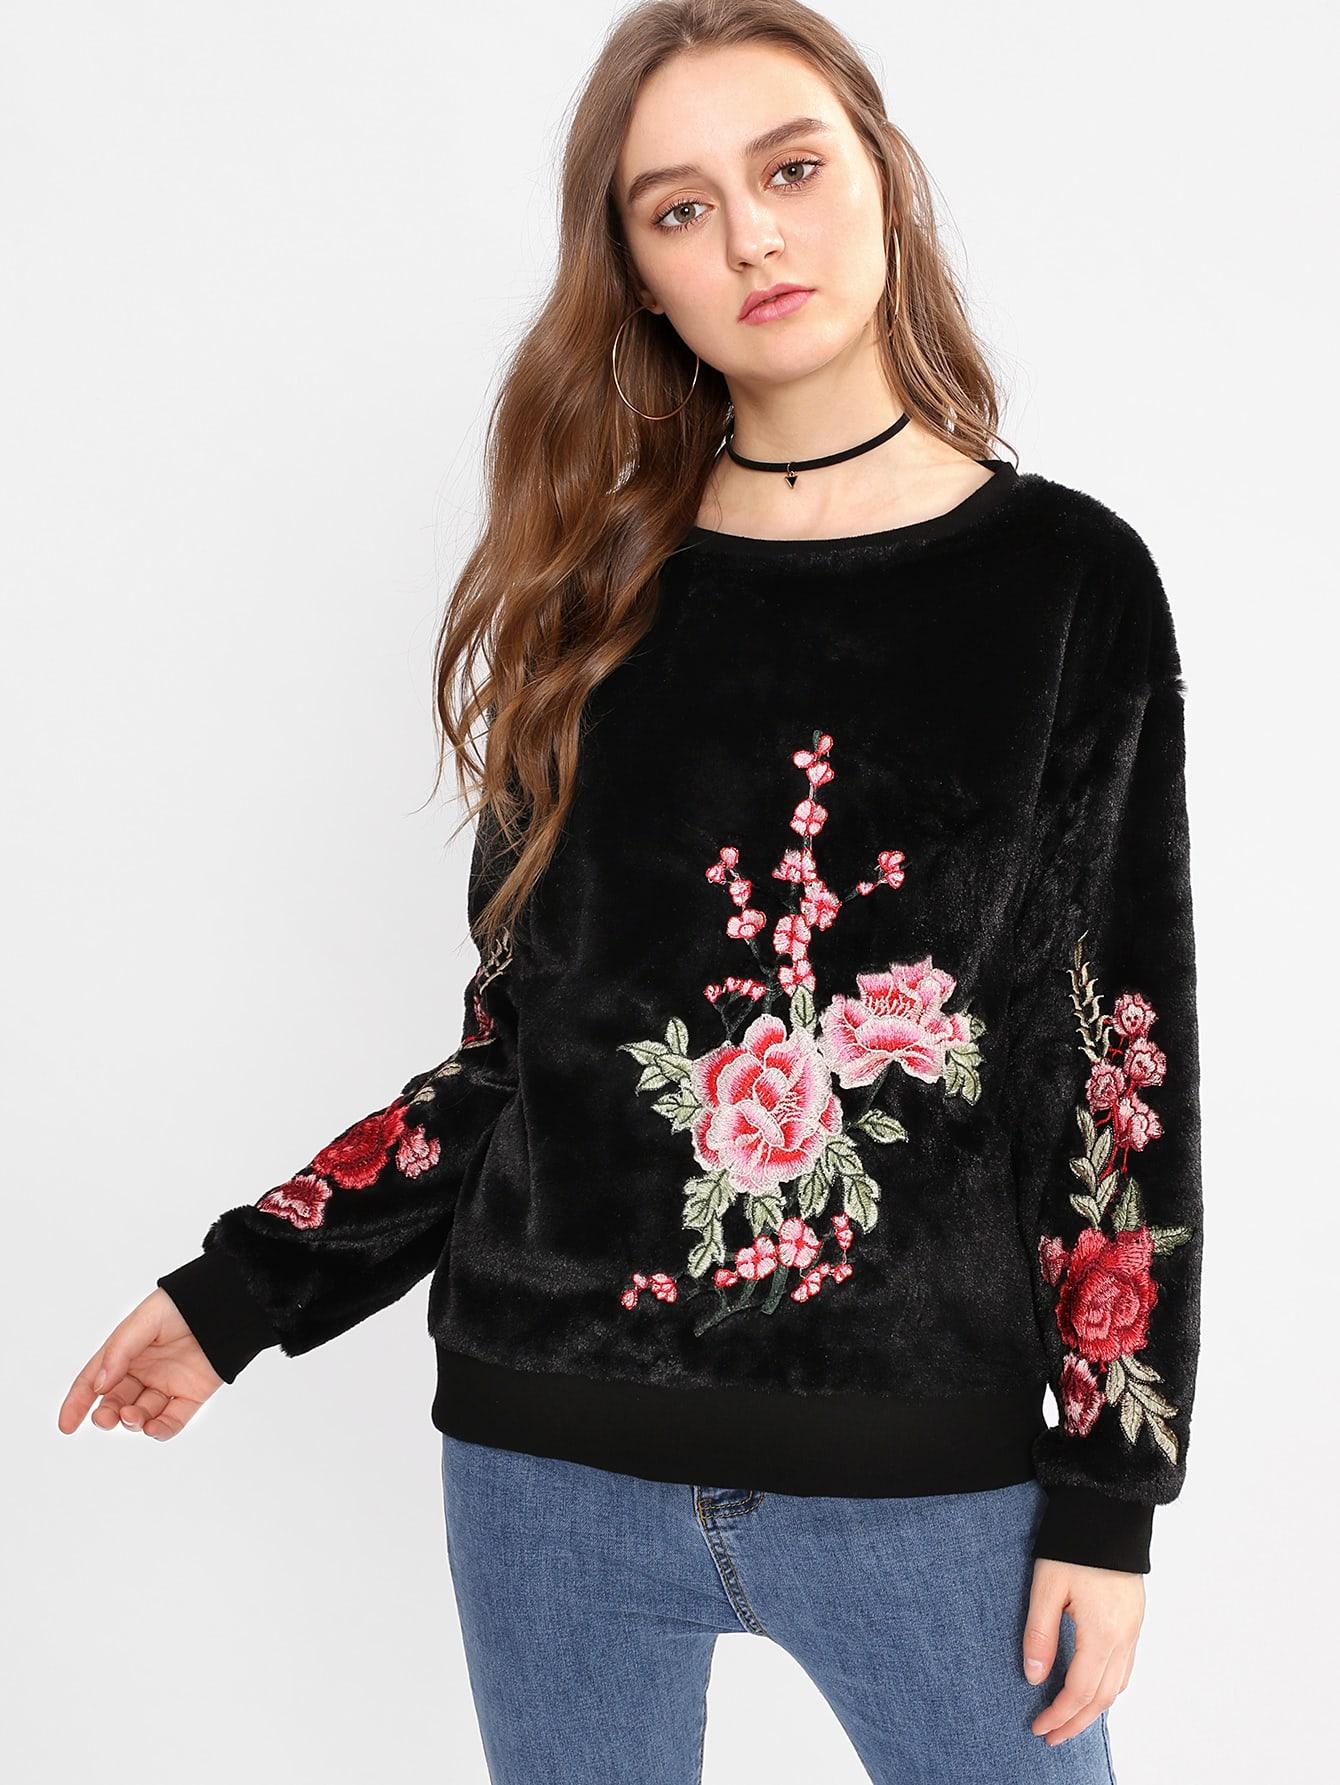 Embroidered Flower Applique Fuzzy Sweatshirt lisa corti короткое платье